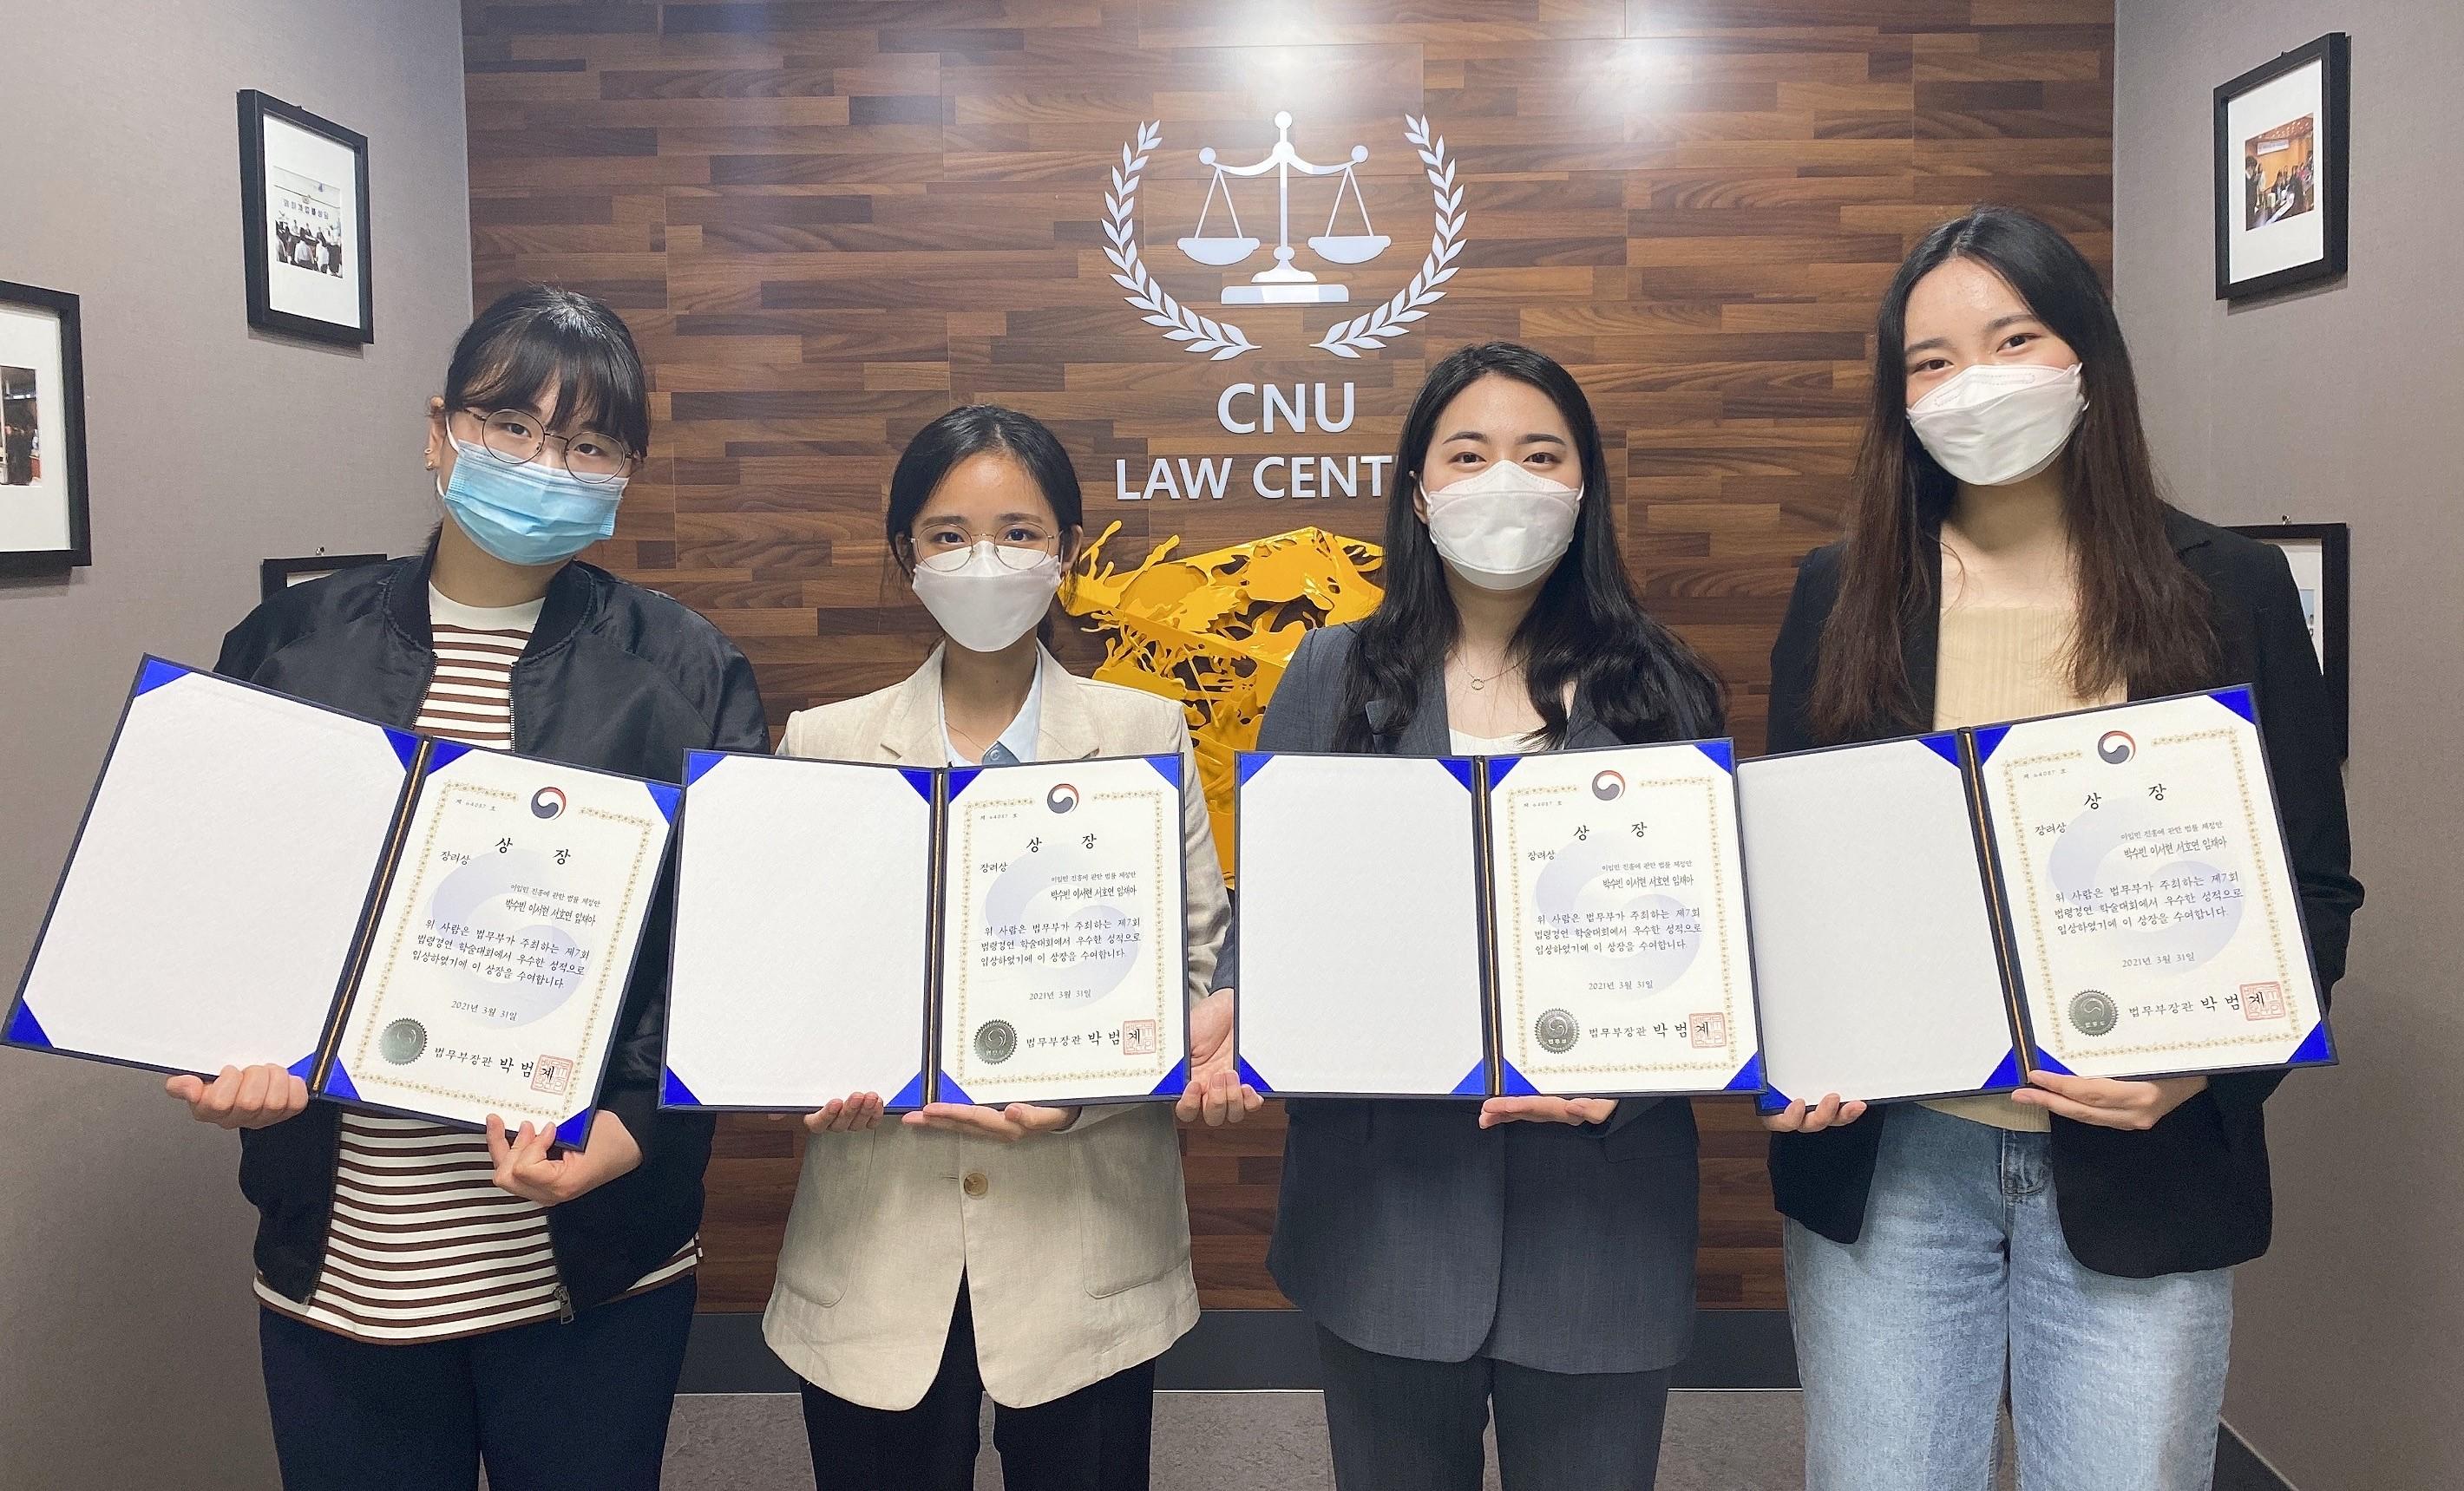 법률센터 학생멤버십 학생팀, 법무부장관상 수상 사진1